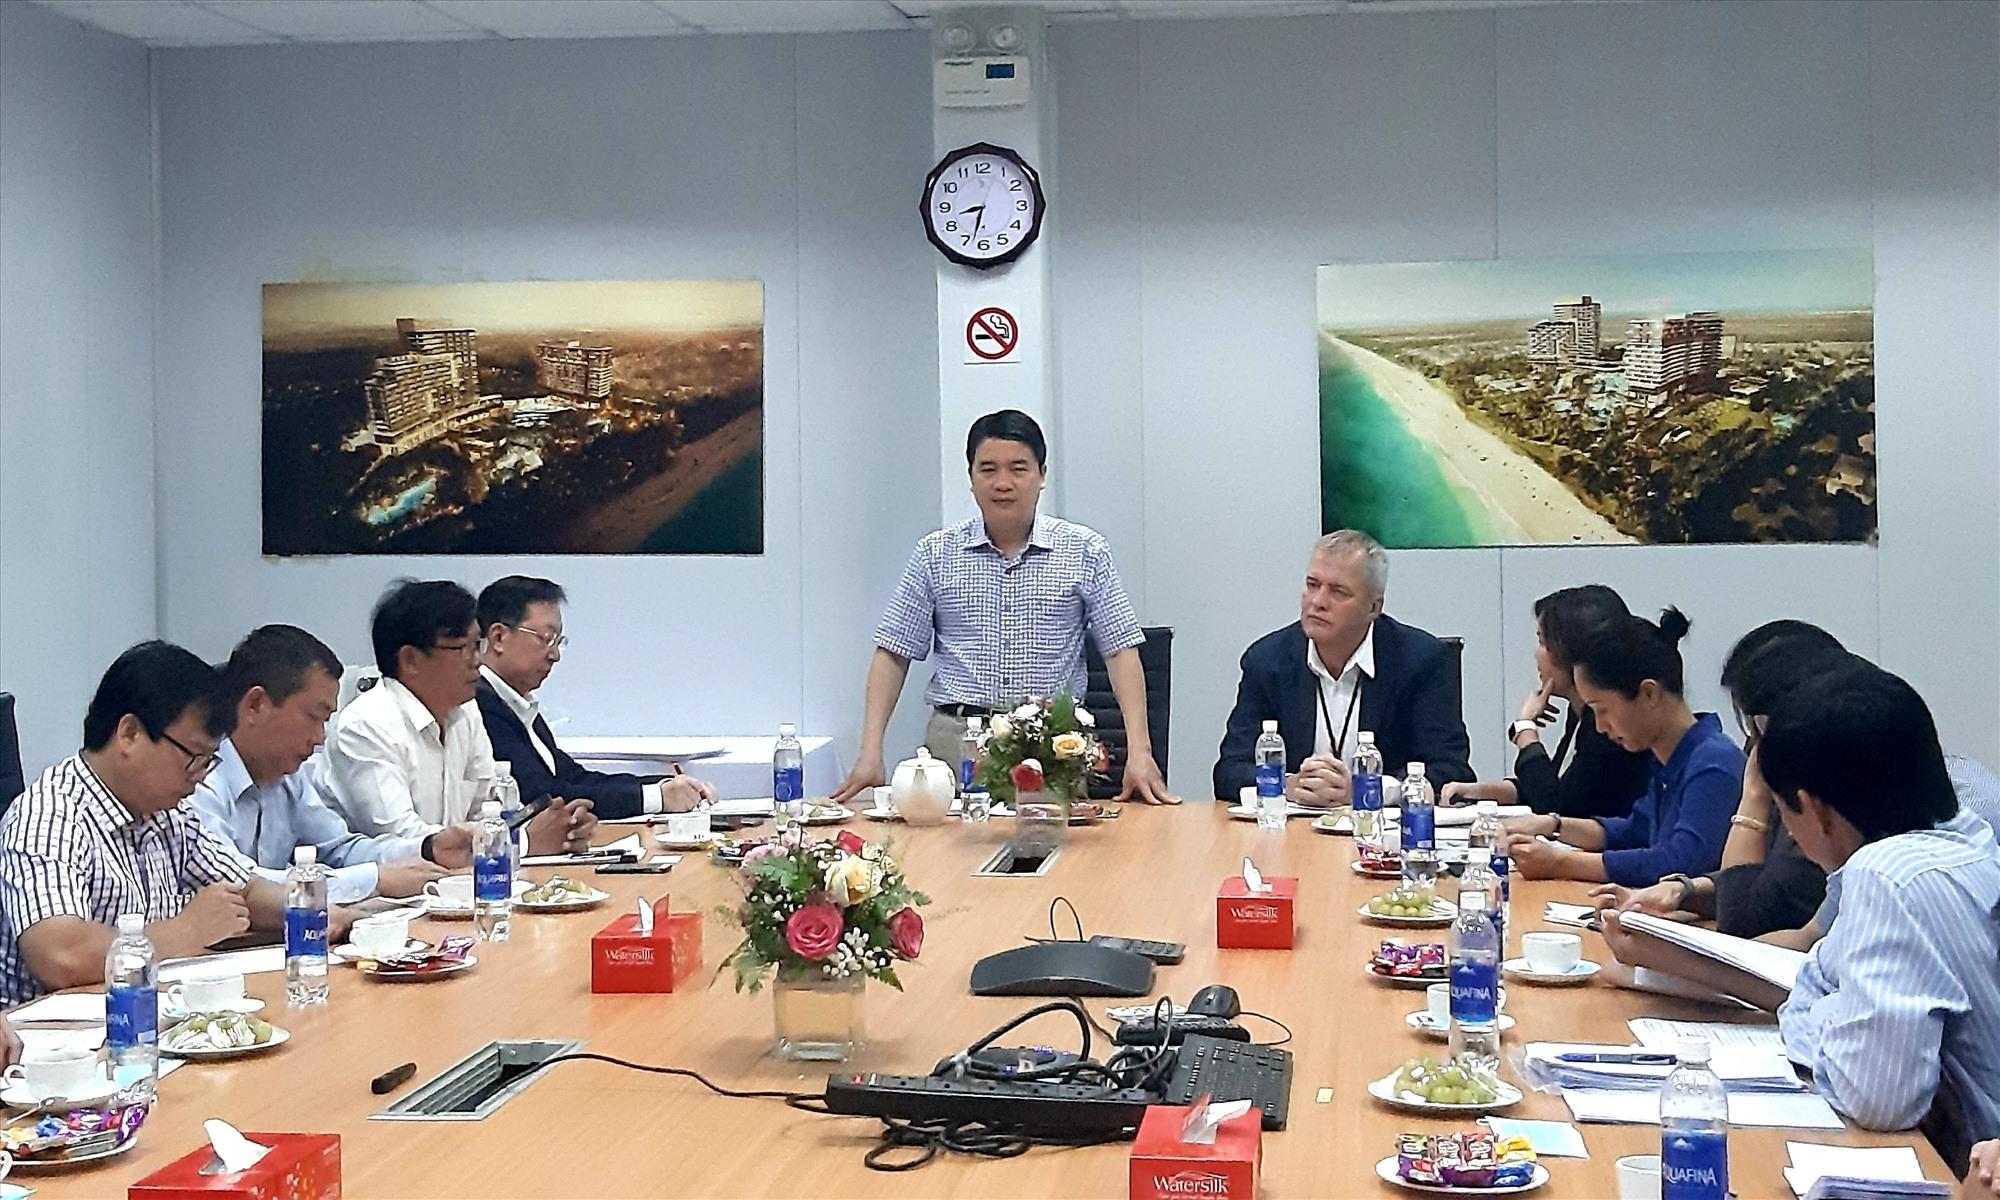 Phó Chủ tịch UBND tỉnh Trần Văn Tân phát biểu tại cuộc làm việc với lãnh đạo Công ty TNHH Phát triển Nam Hội An vào sáng nay 6.3.   Ảnh: HOÀI NHI